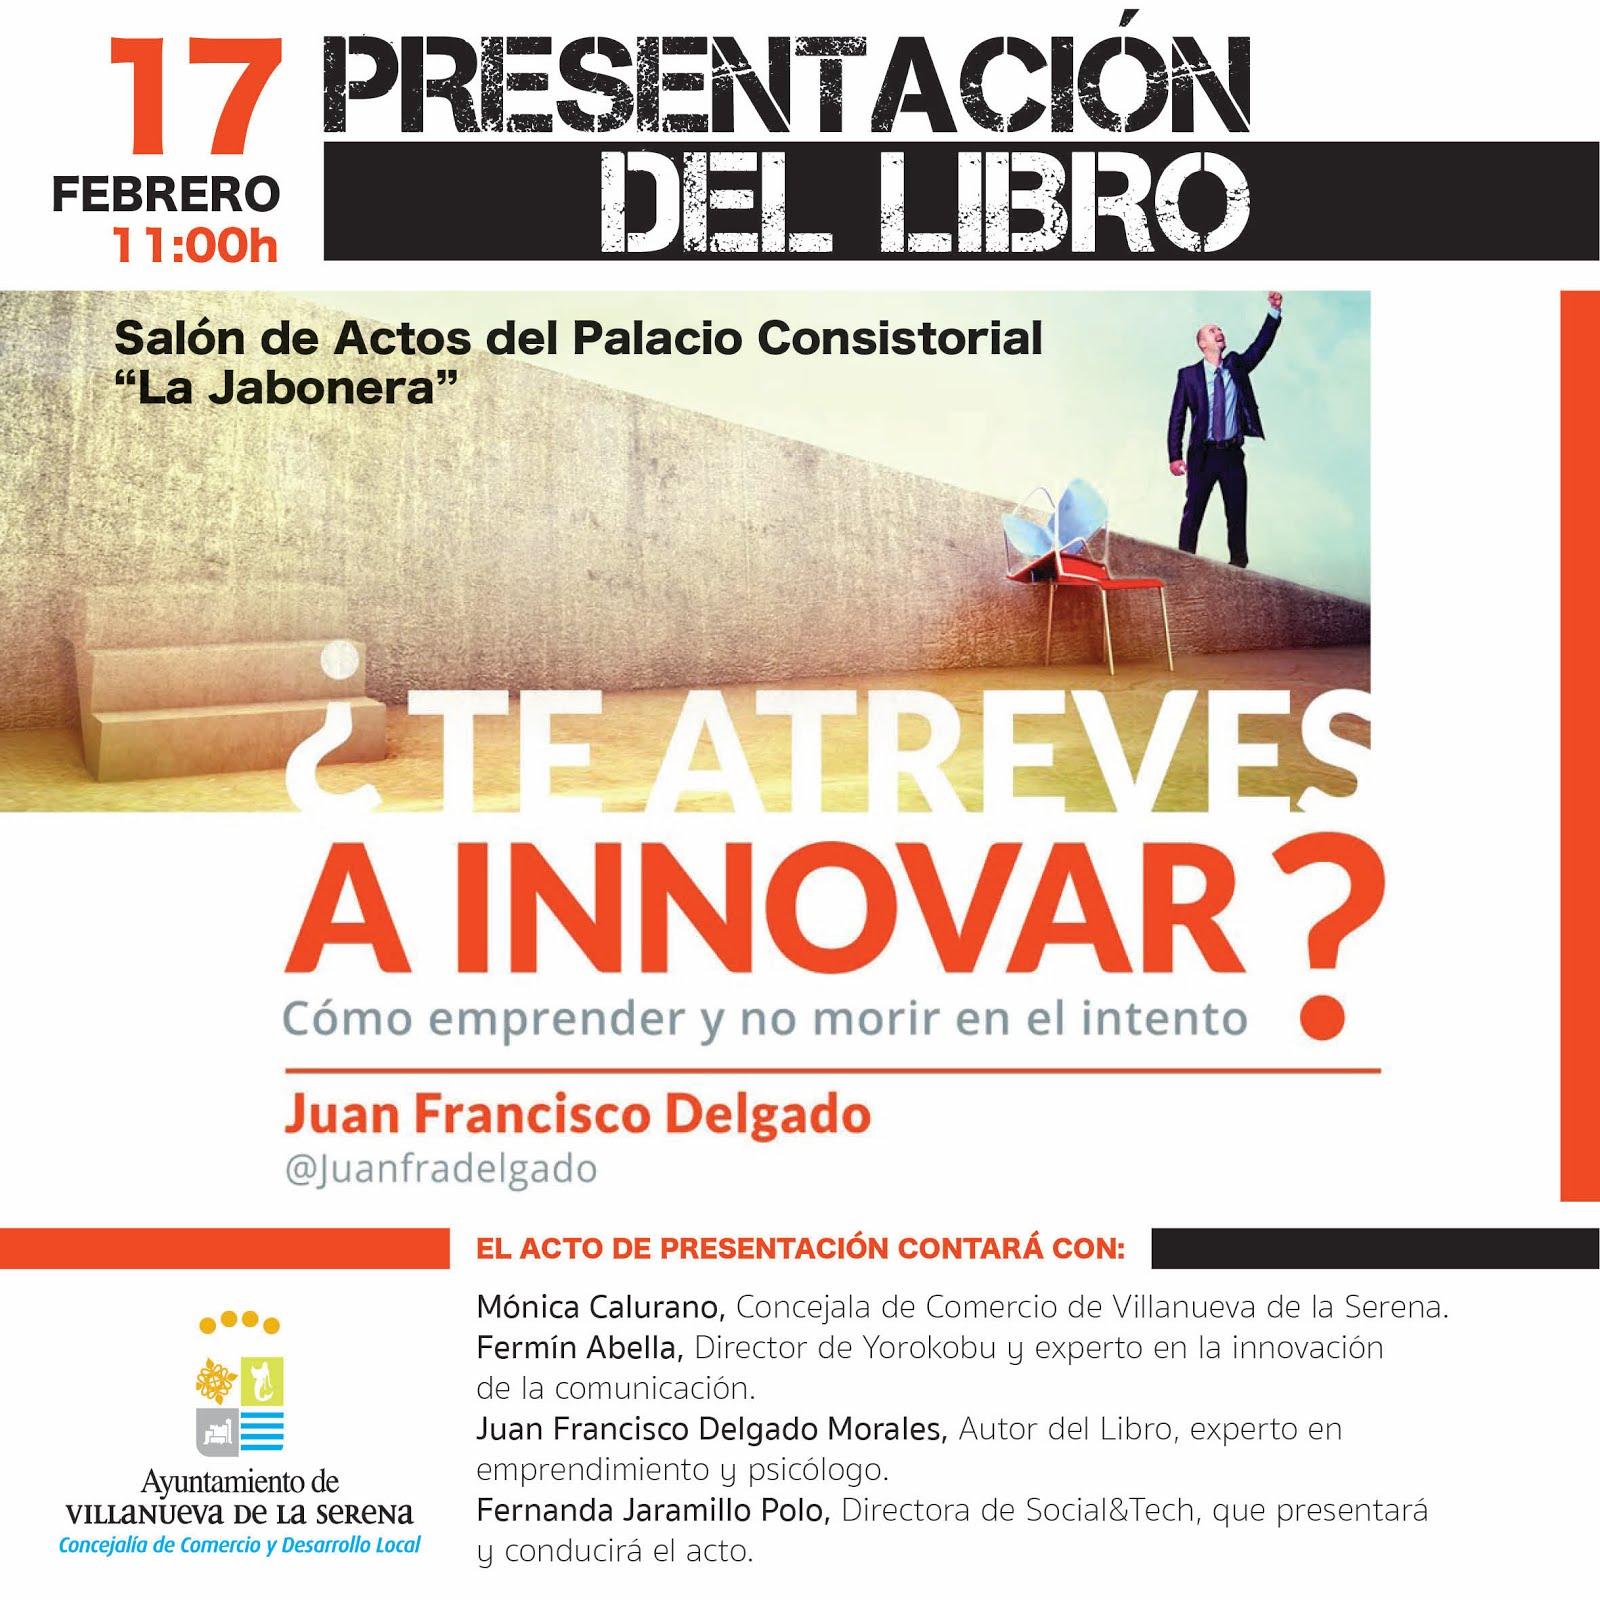 Presentación: ¿Te atreves a innovar?